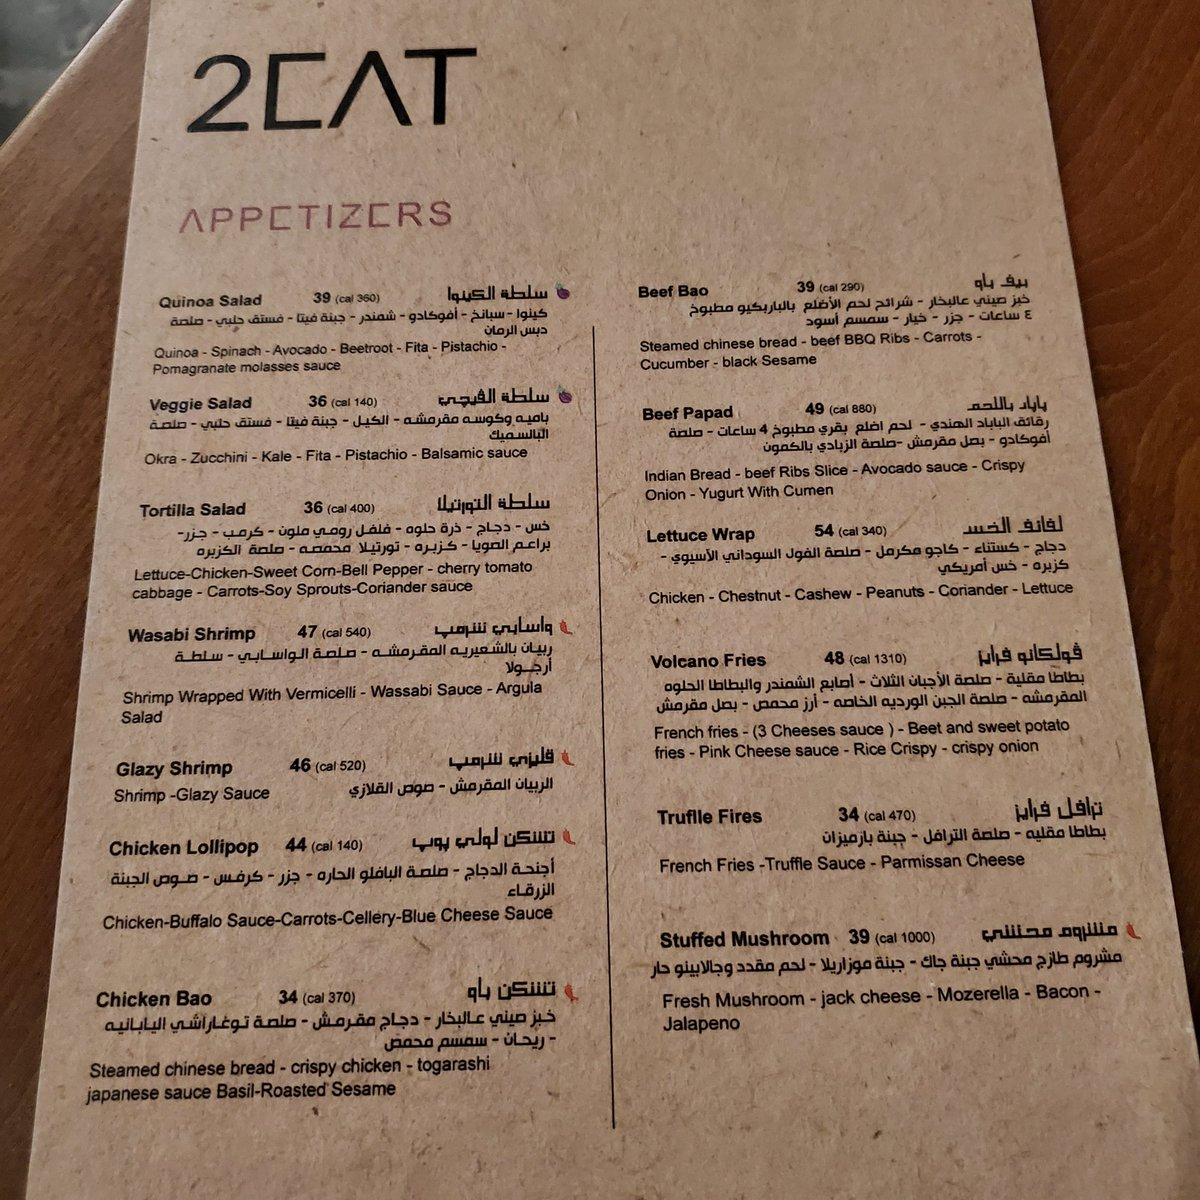 منيو مطعم تو ايت 2 Eat بالرياض